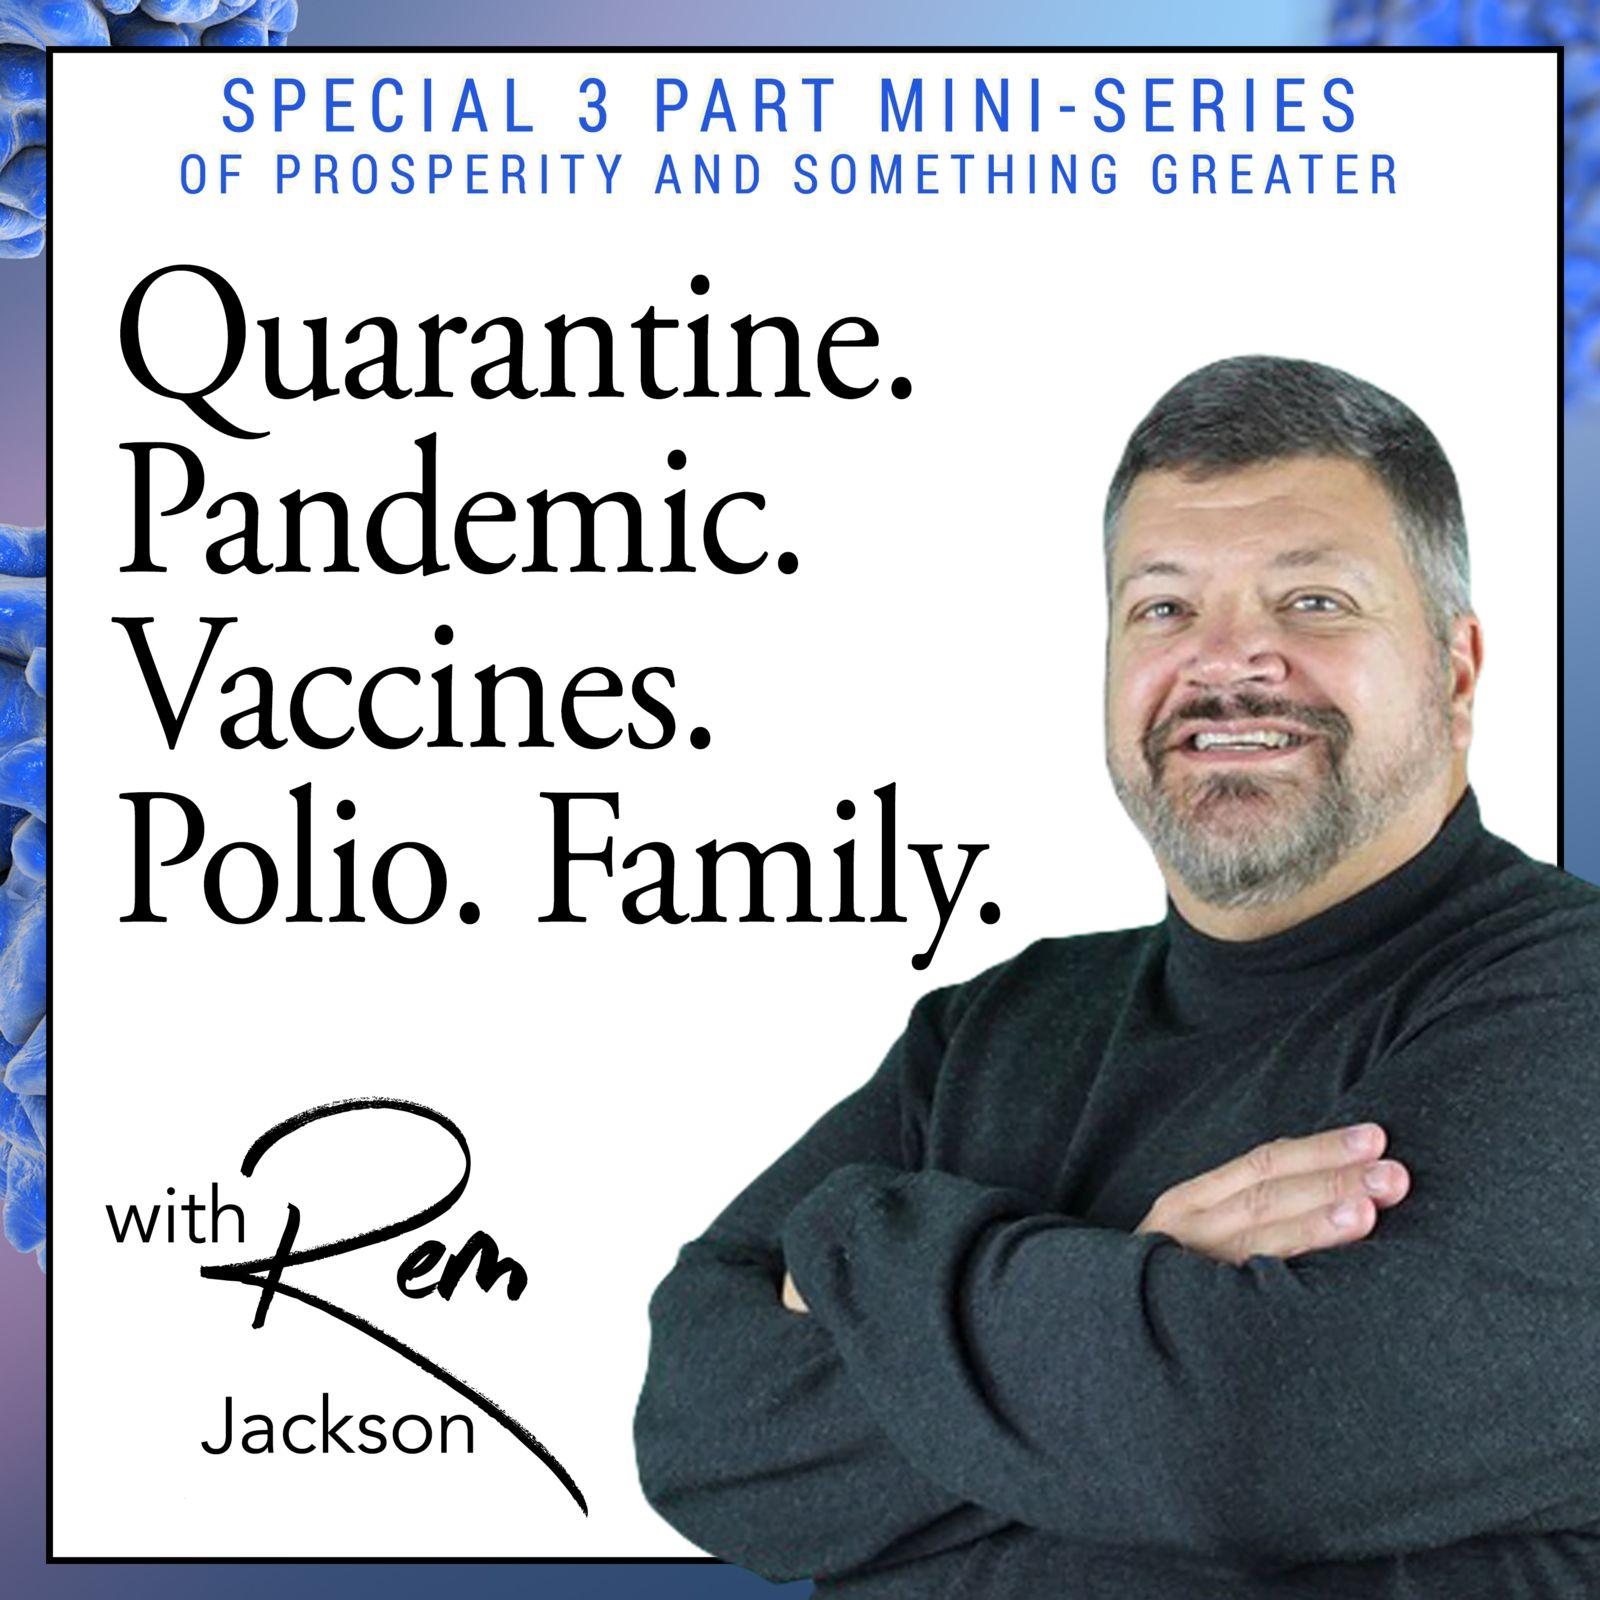 Quarantine. Pandemic. Vaccines. Polio. Family.